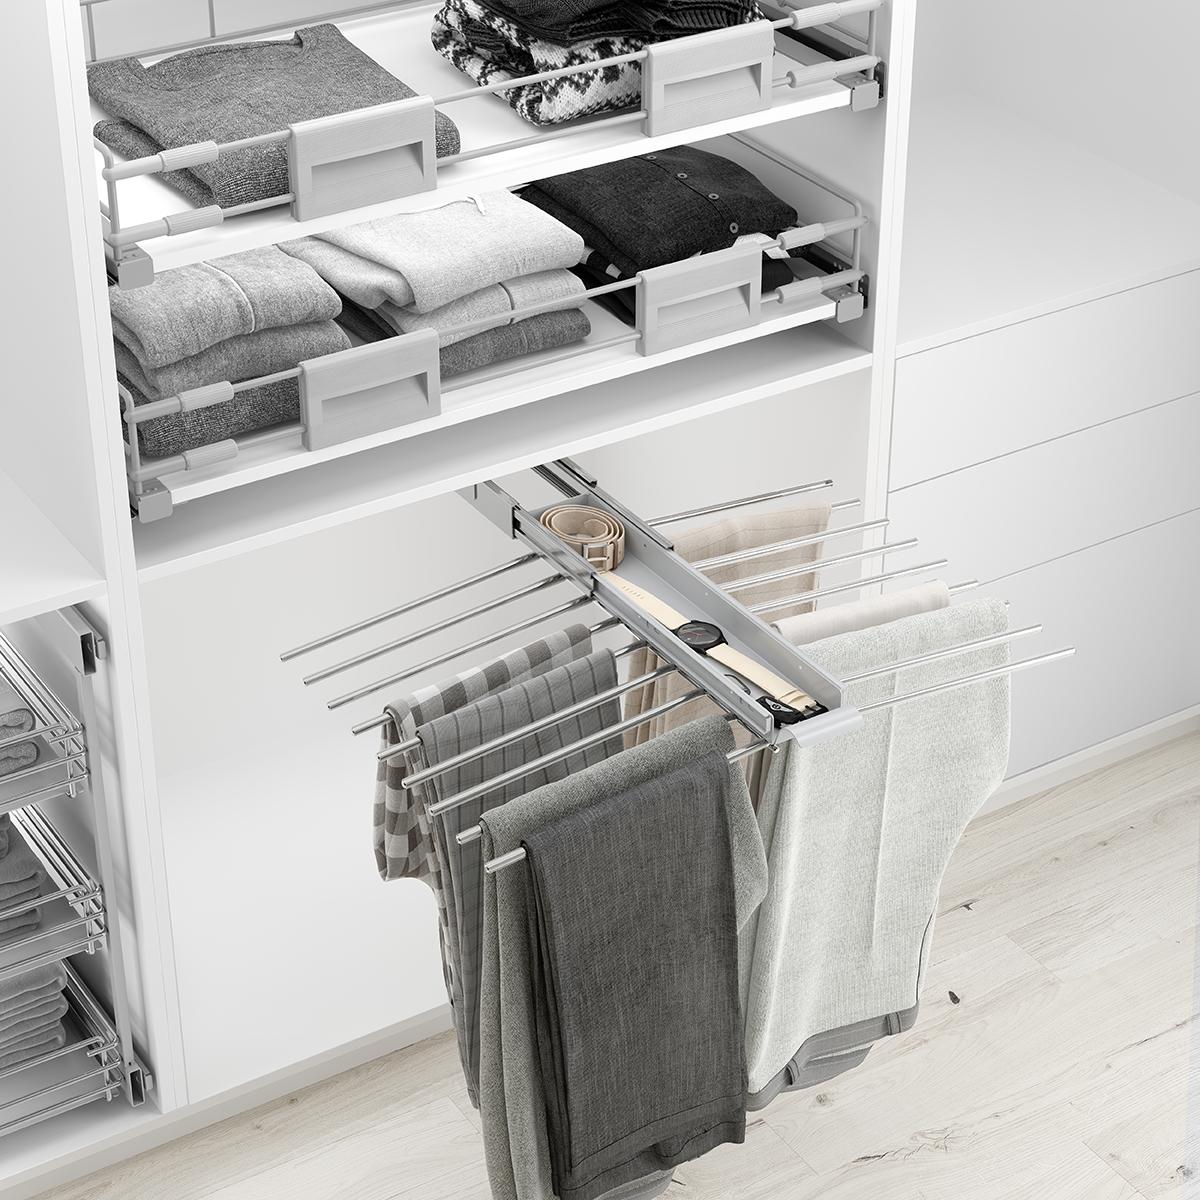 Aprovecha el cambio de armario para poner en orden tus pantalones